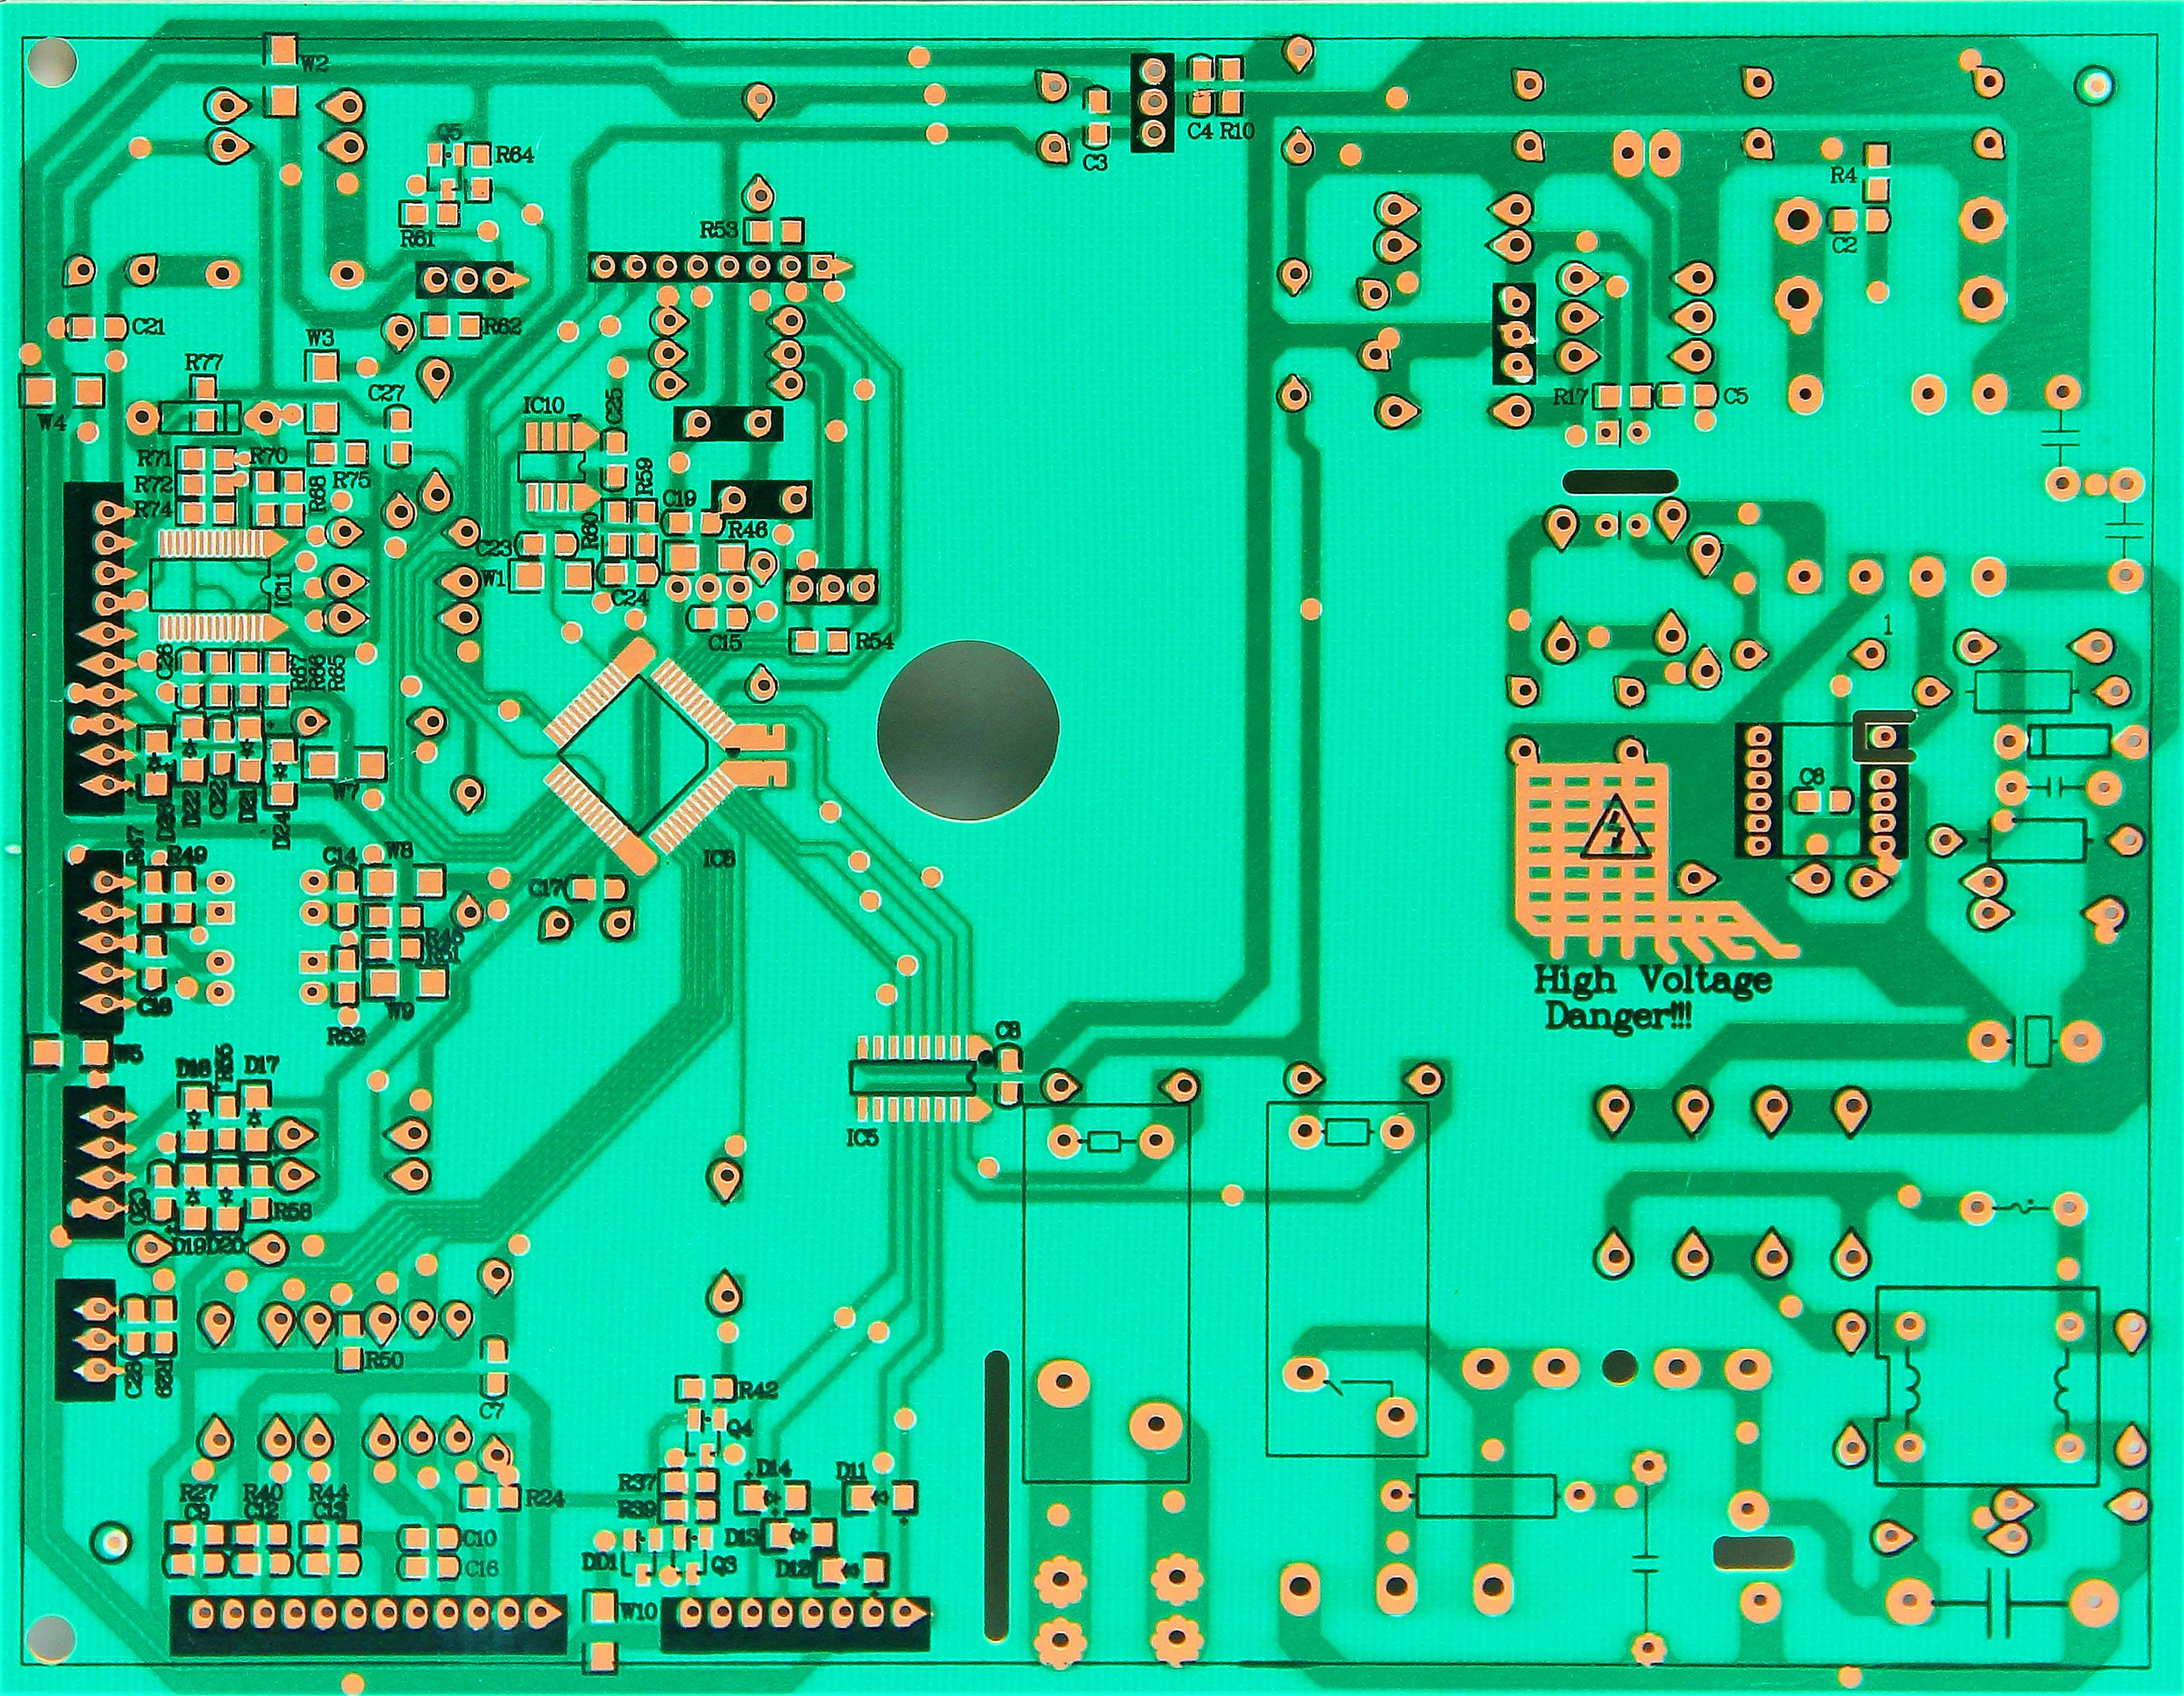 深圳高精密可卷曲pcb柔性线路板加工厂及表面贴装服务